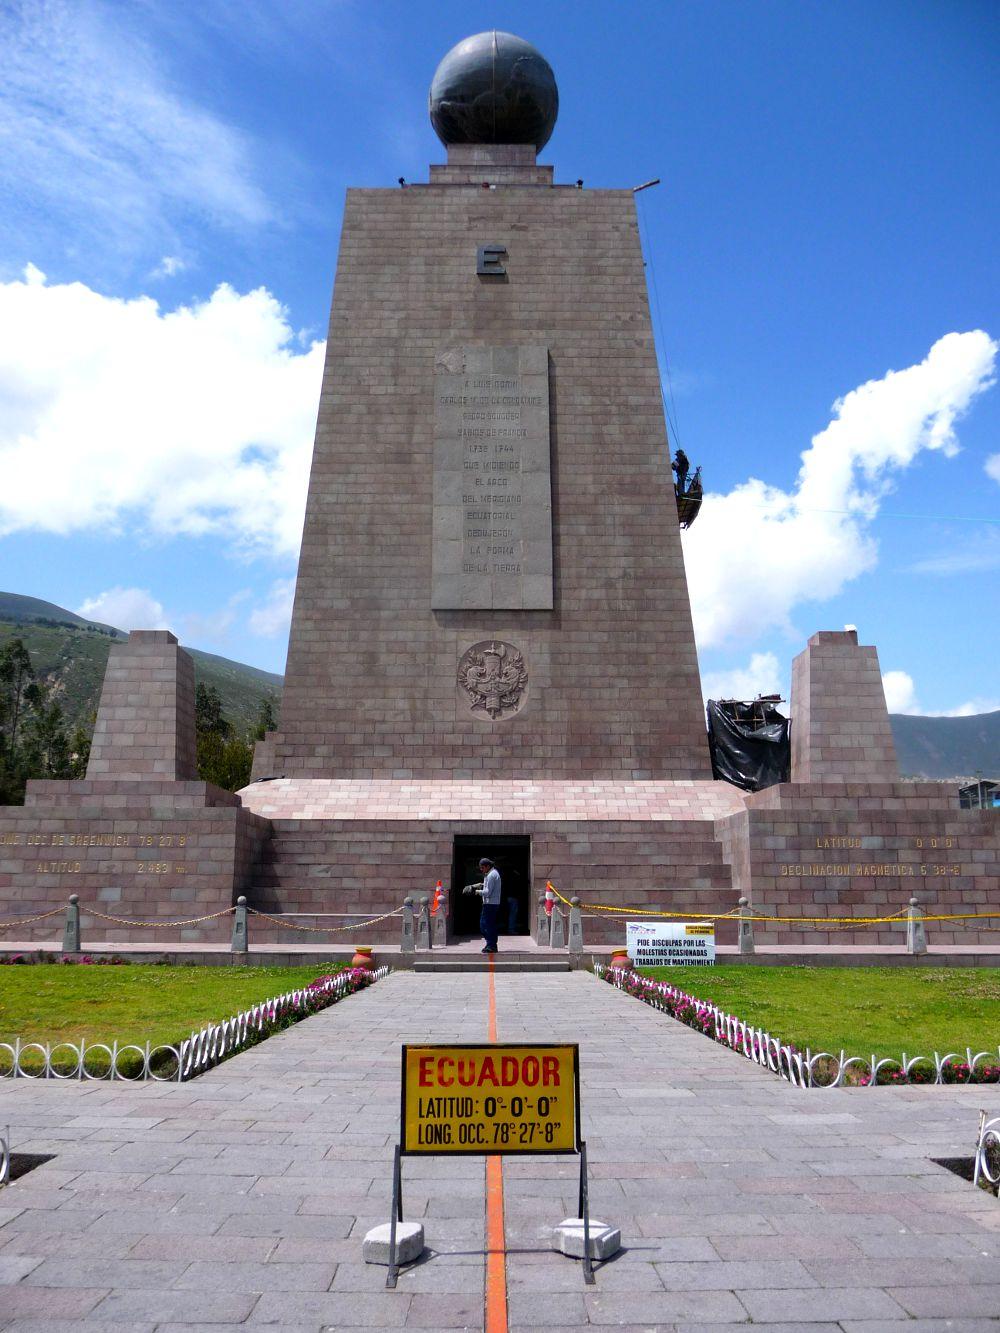 equator_ecuador